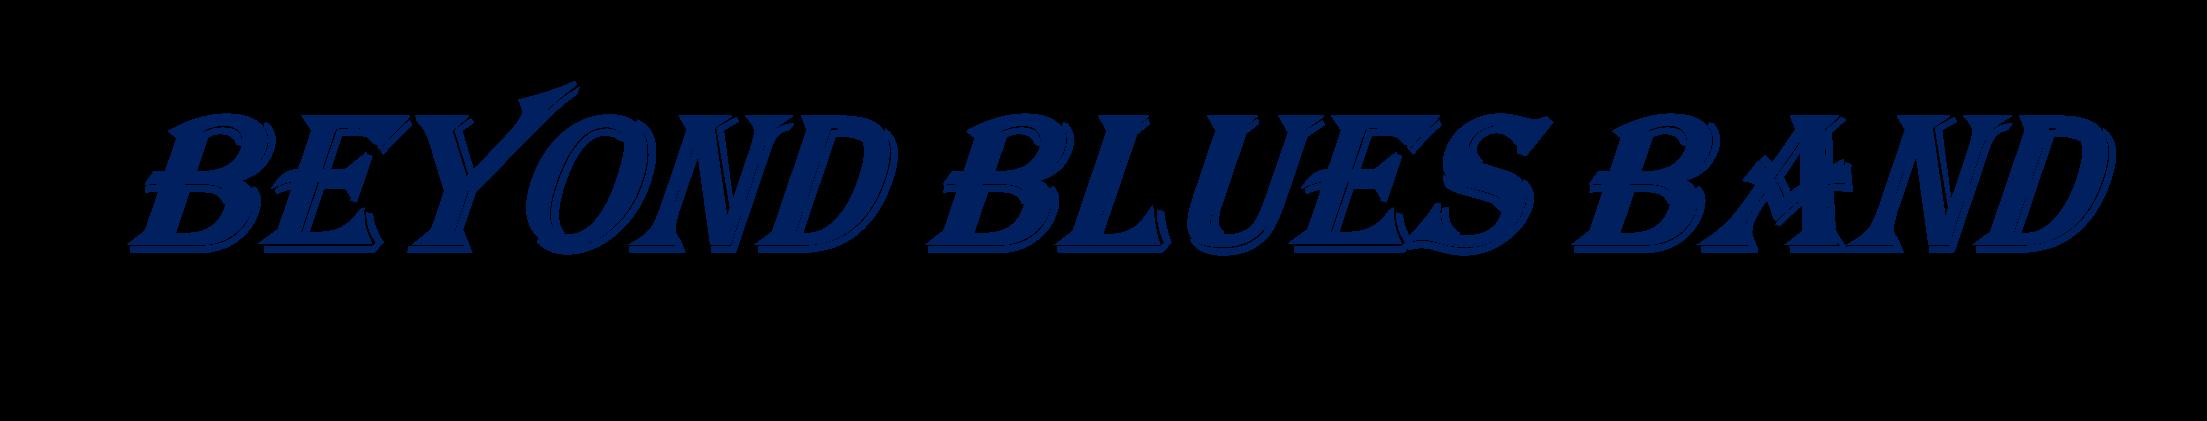 Beyond Blues Band